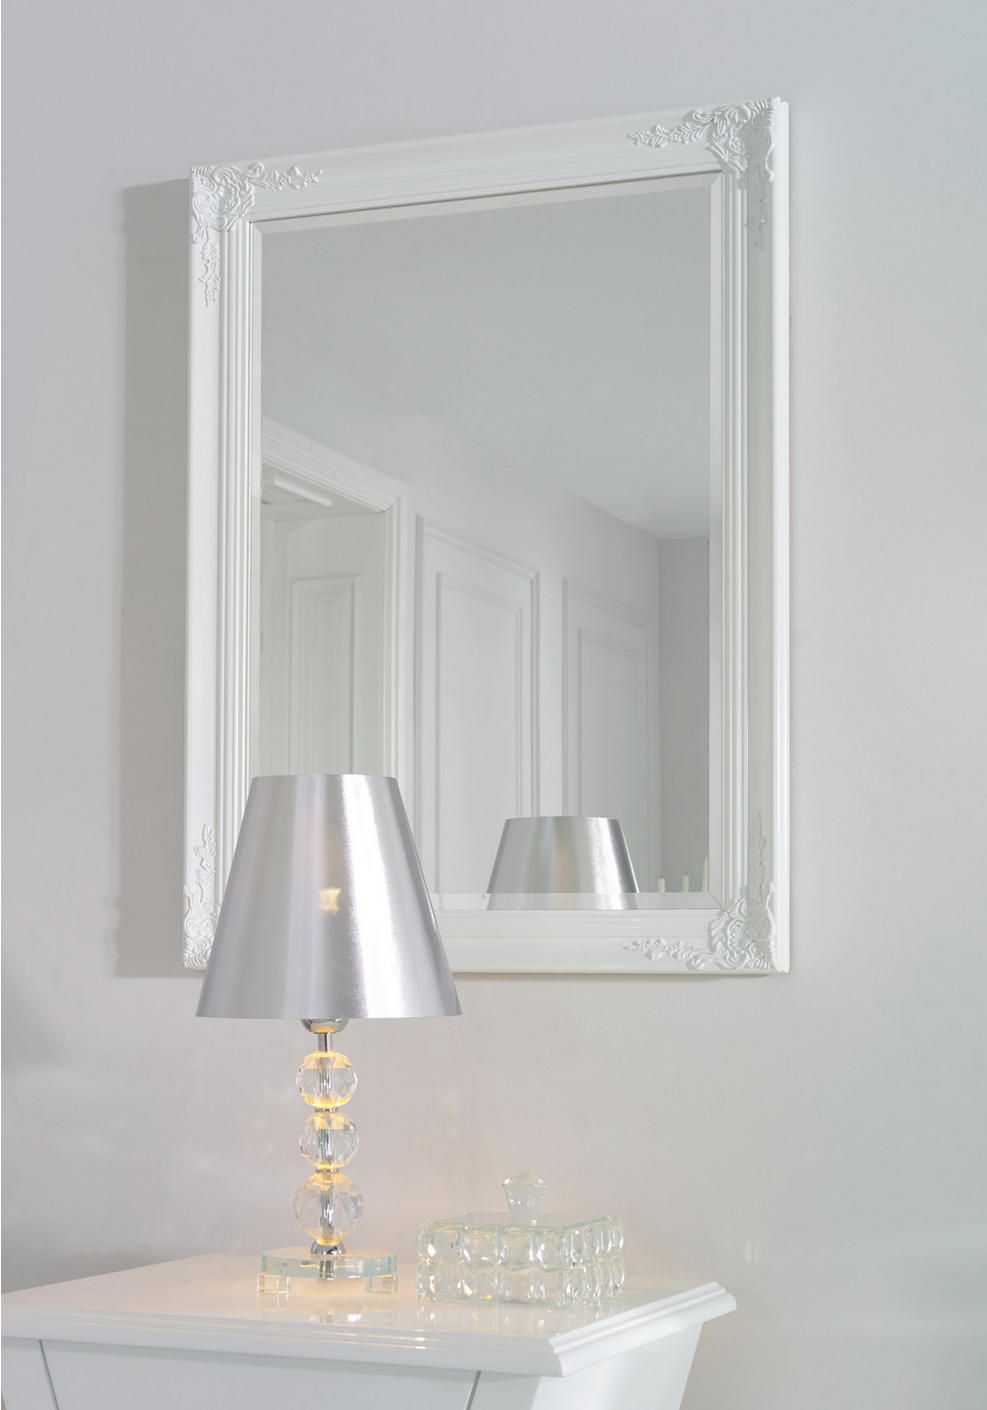 Spiegel | Pinterest | Weiße Rahmen, Wandspiegel und Spiegel